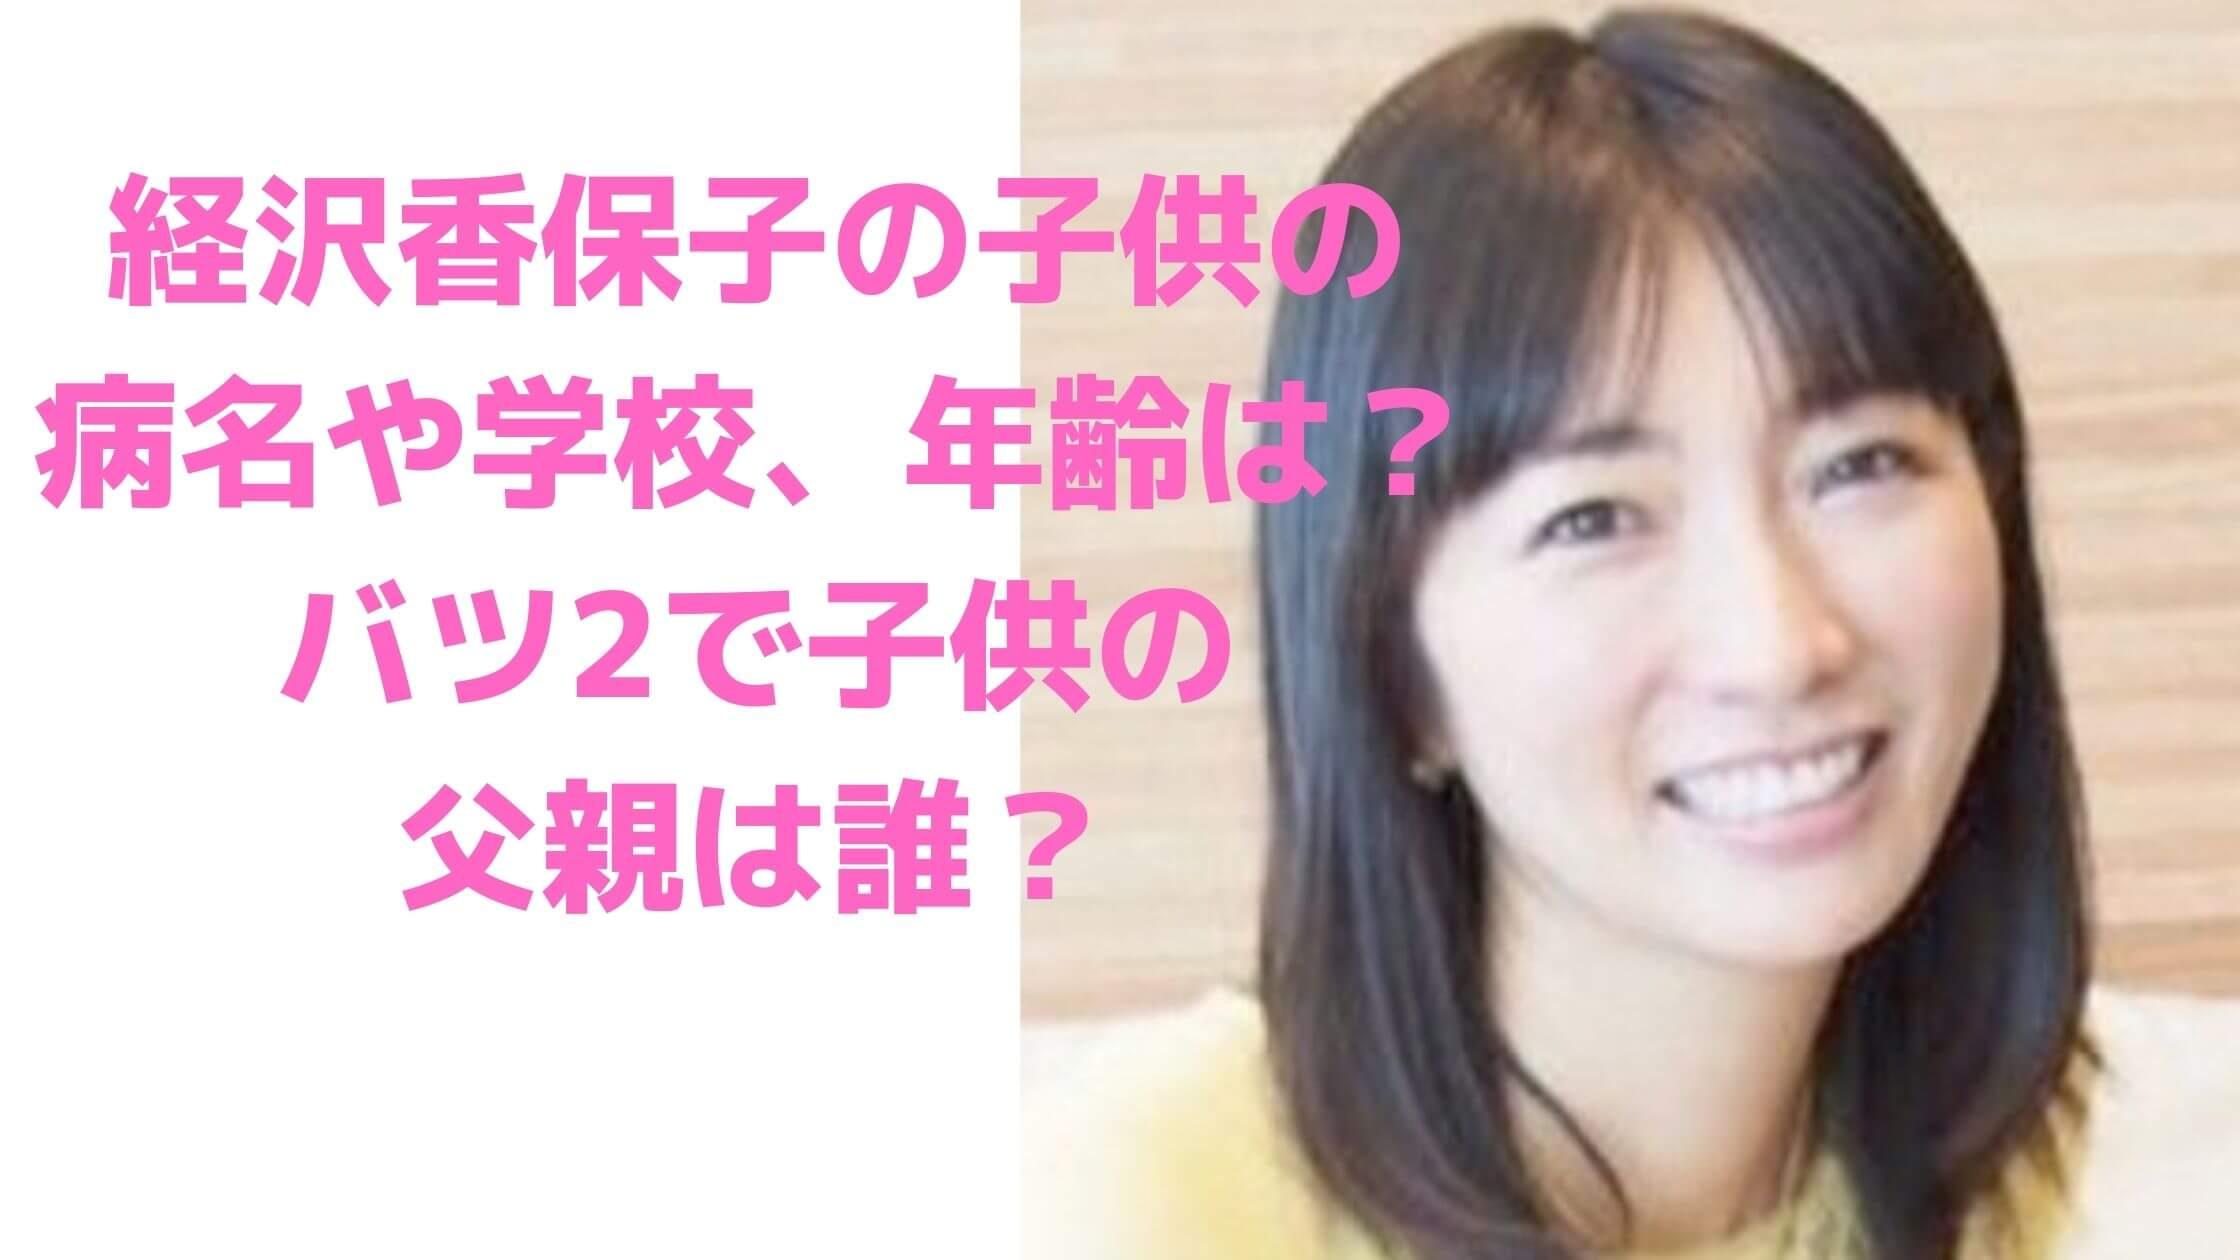 経沢香保子 子供 学校 年齢 病名